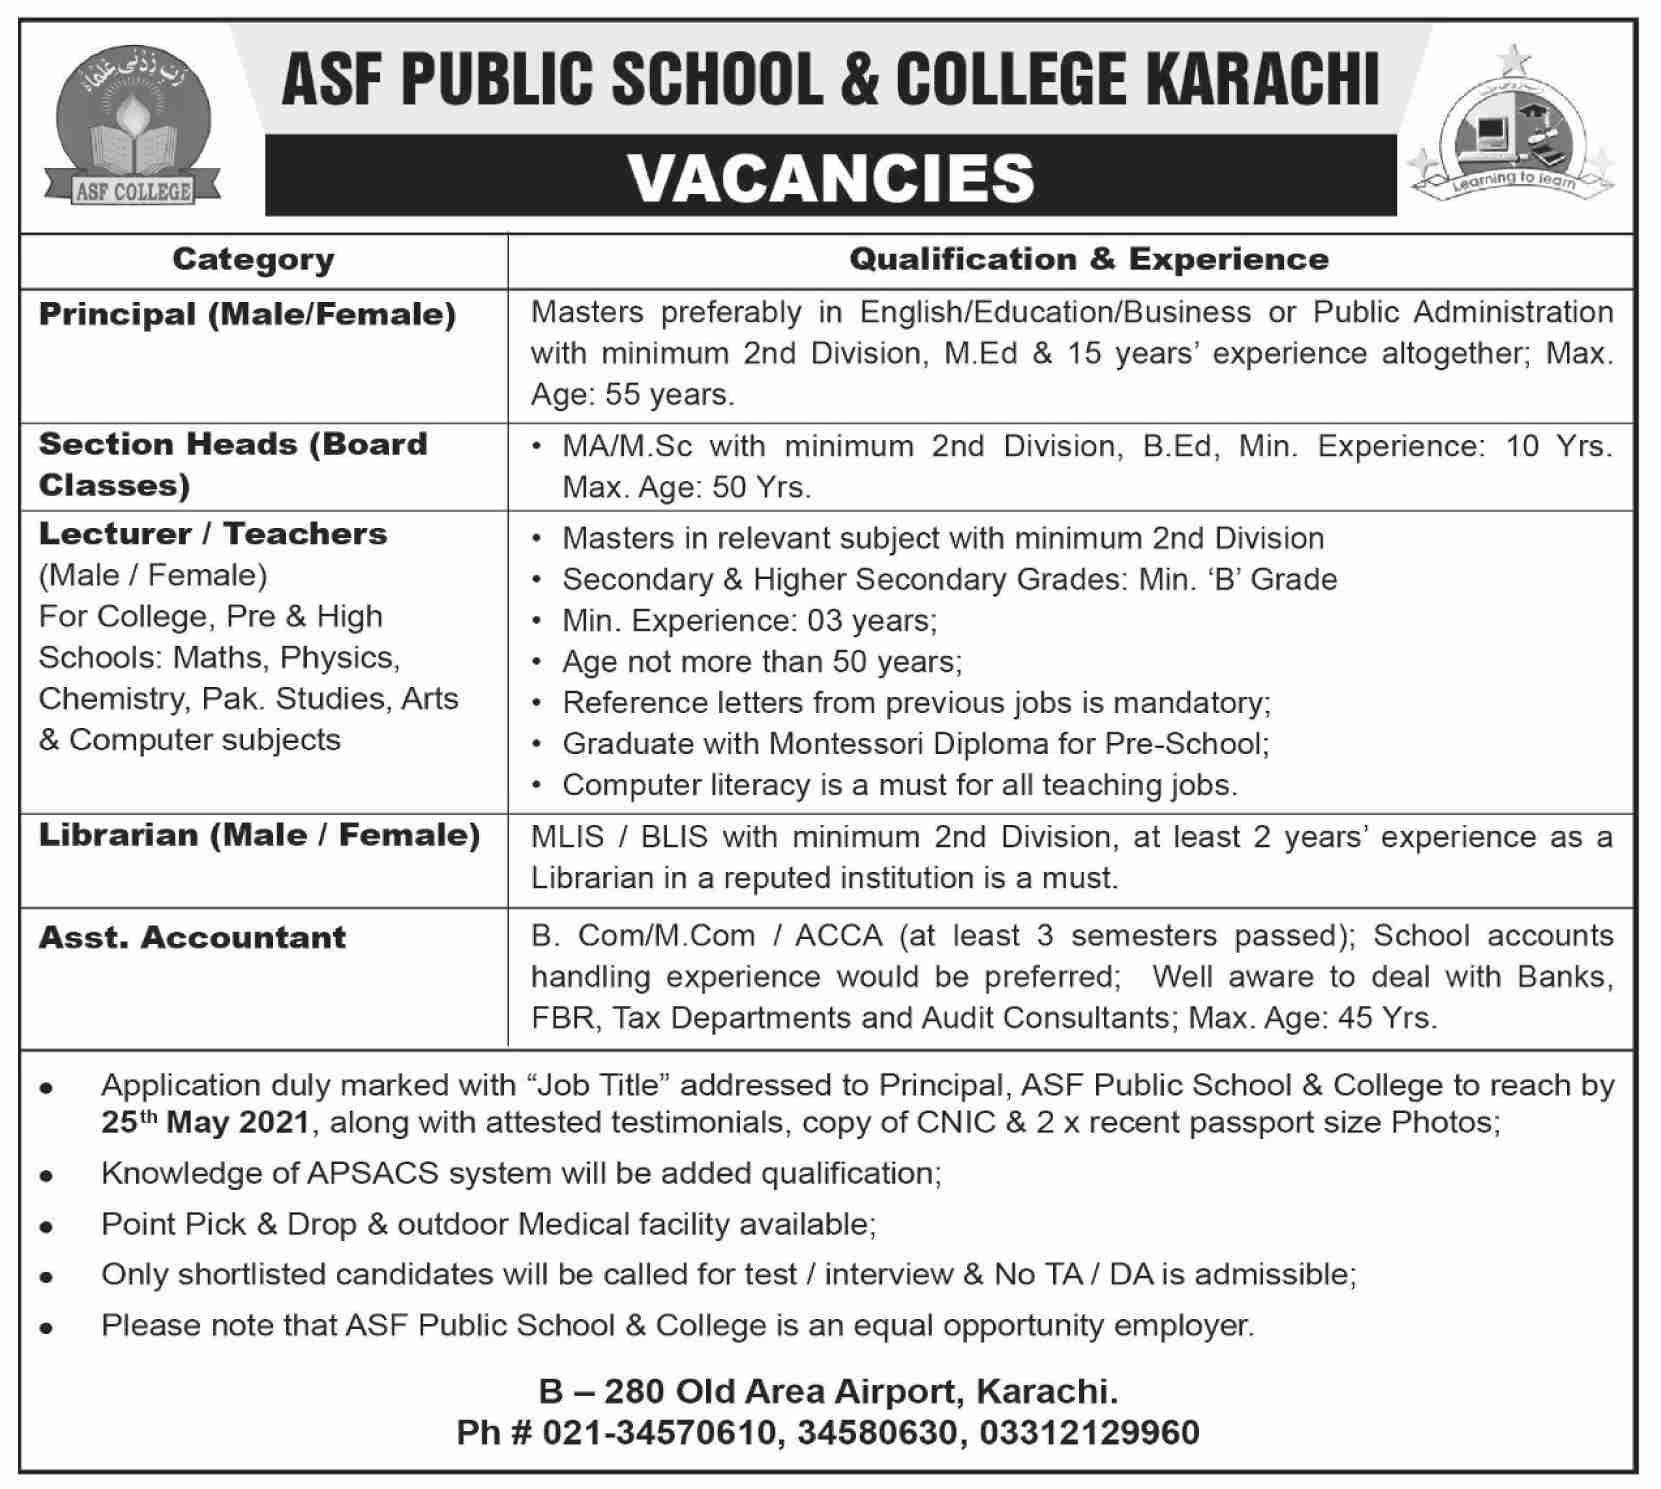 ASF Public School & College Karachi Jobs 2021 for Teaching